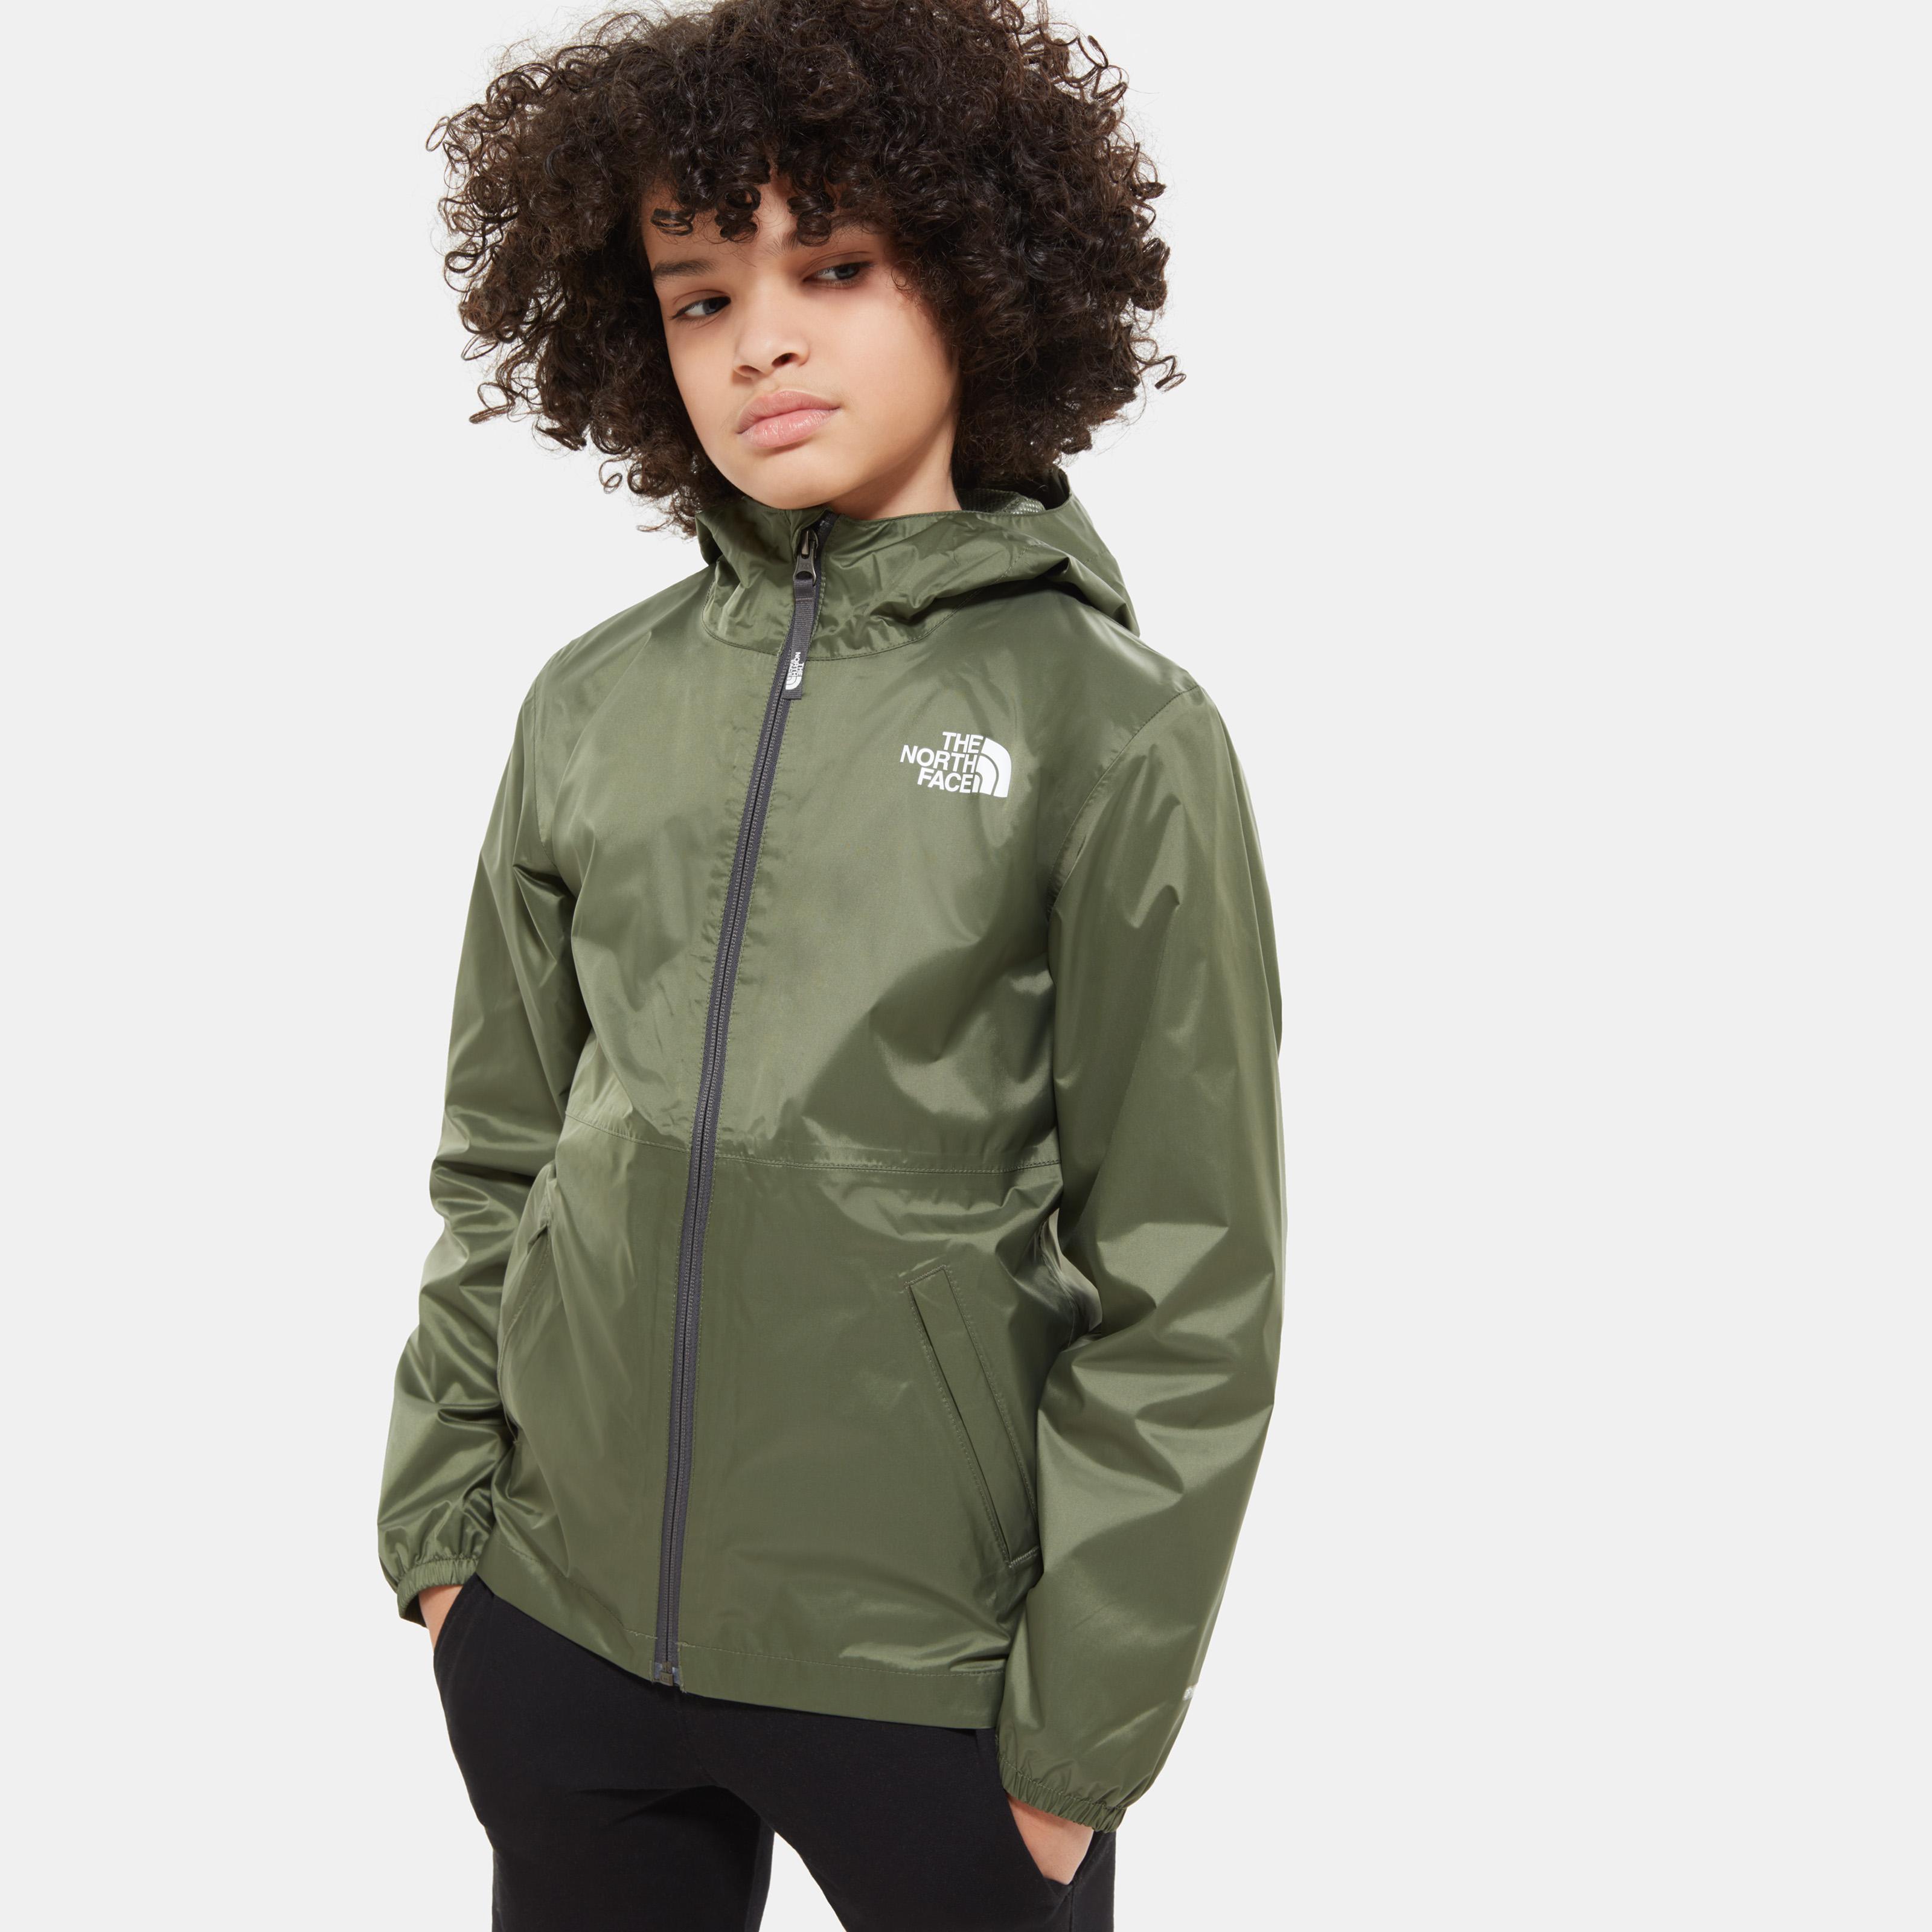 Купить со скидкой Куртка Youth Zipline